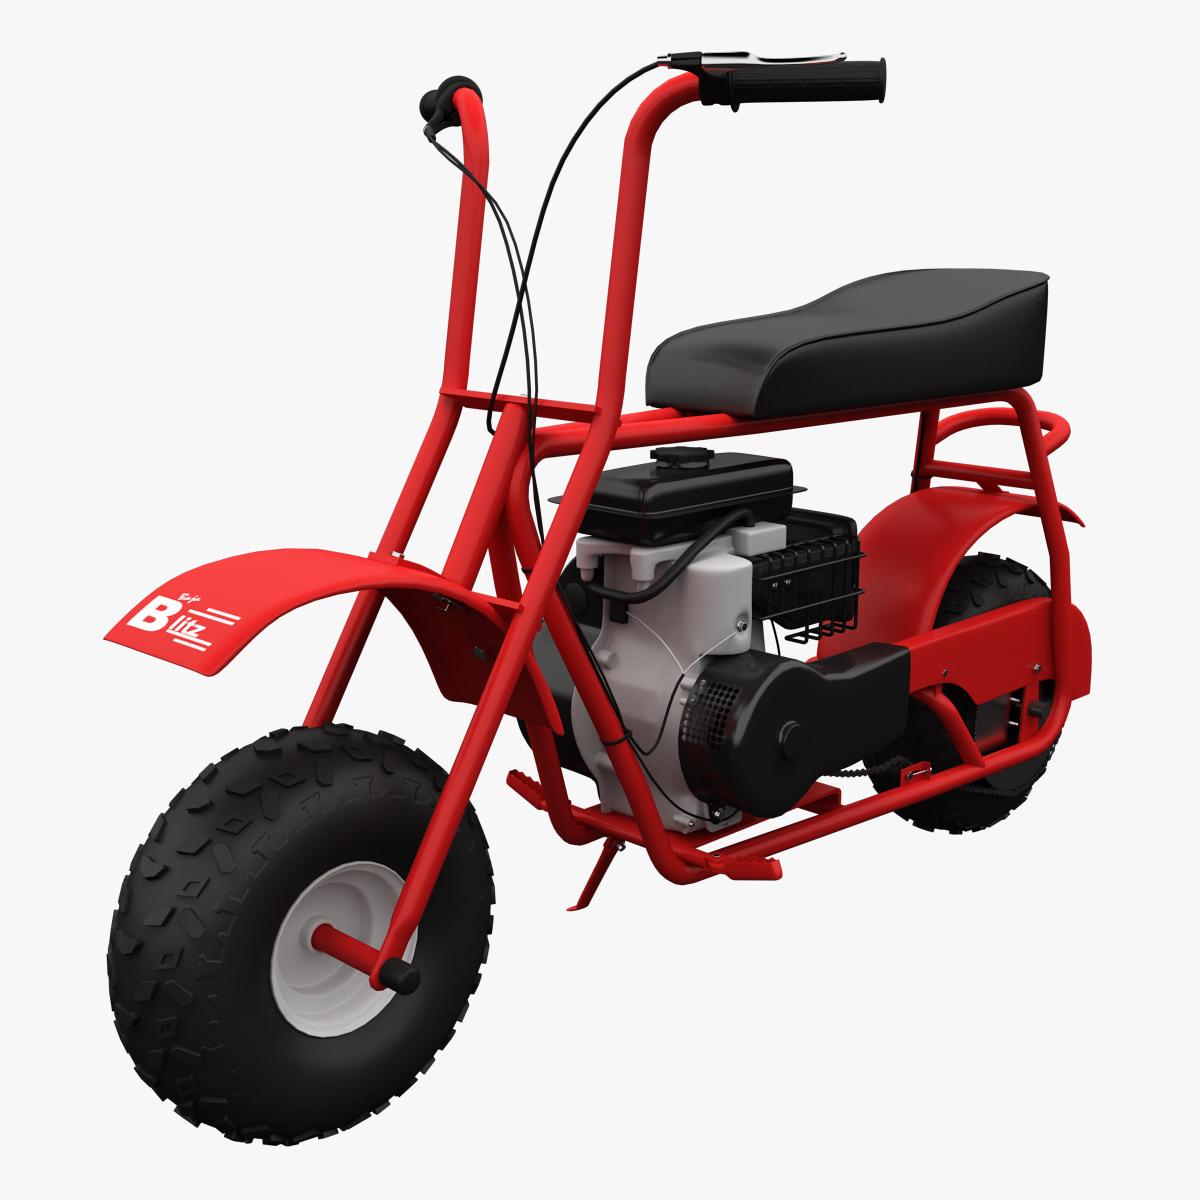 Baja_Doodle_Bug_Mini_Bike_97cc_00.jpg